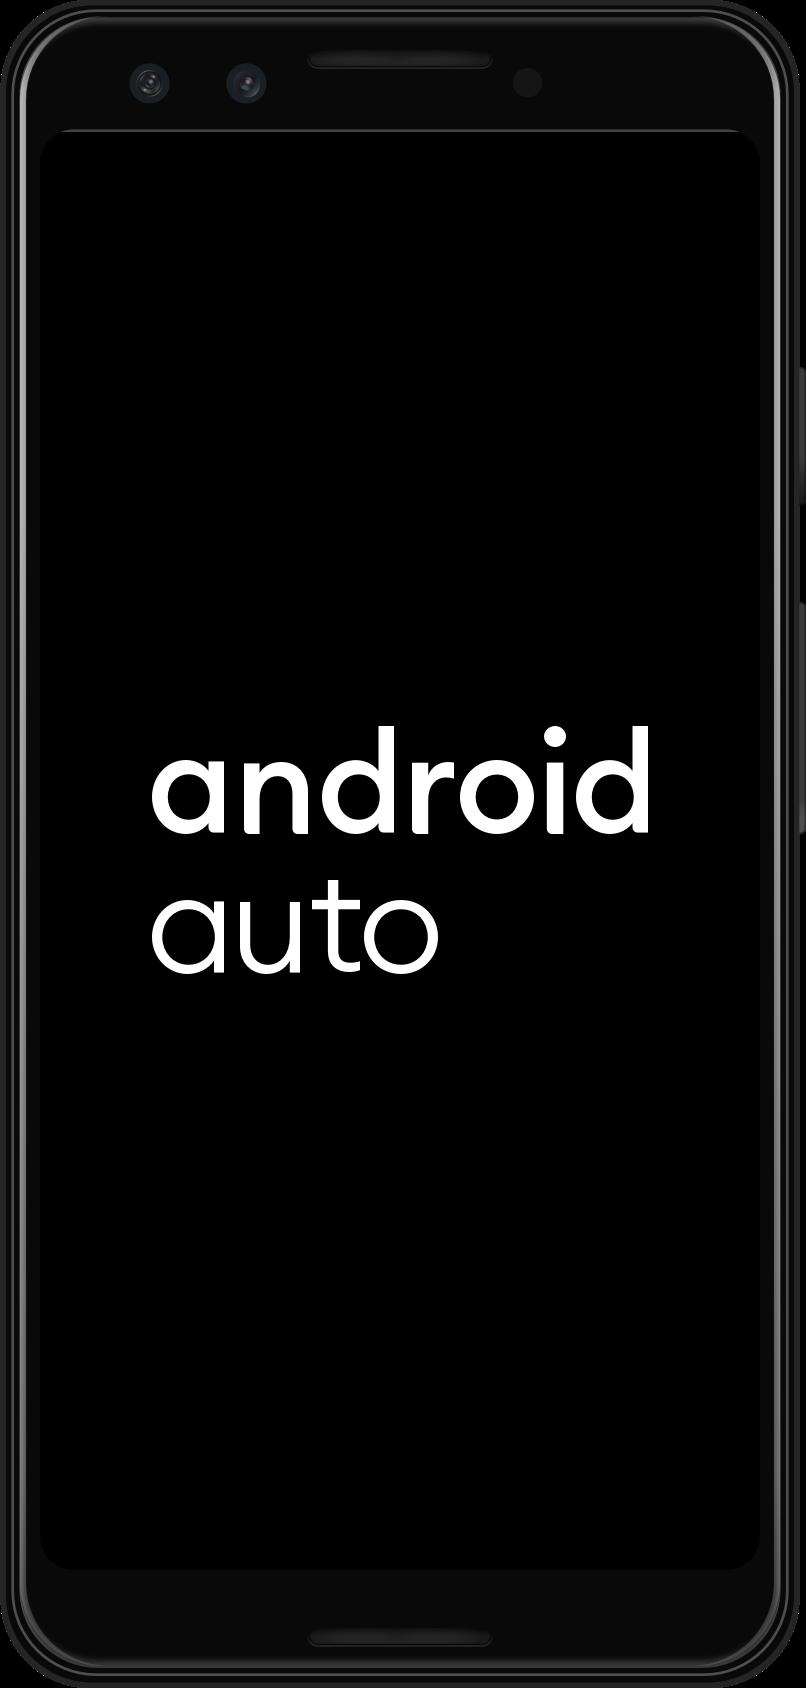 O Android Auto é iniciado no dispositivo móvel